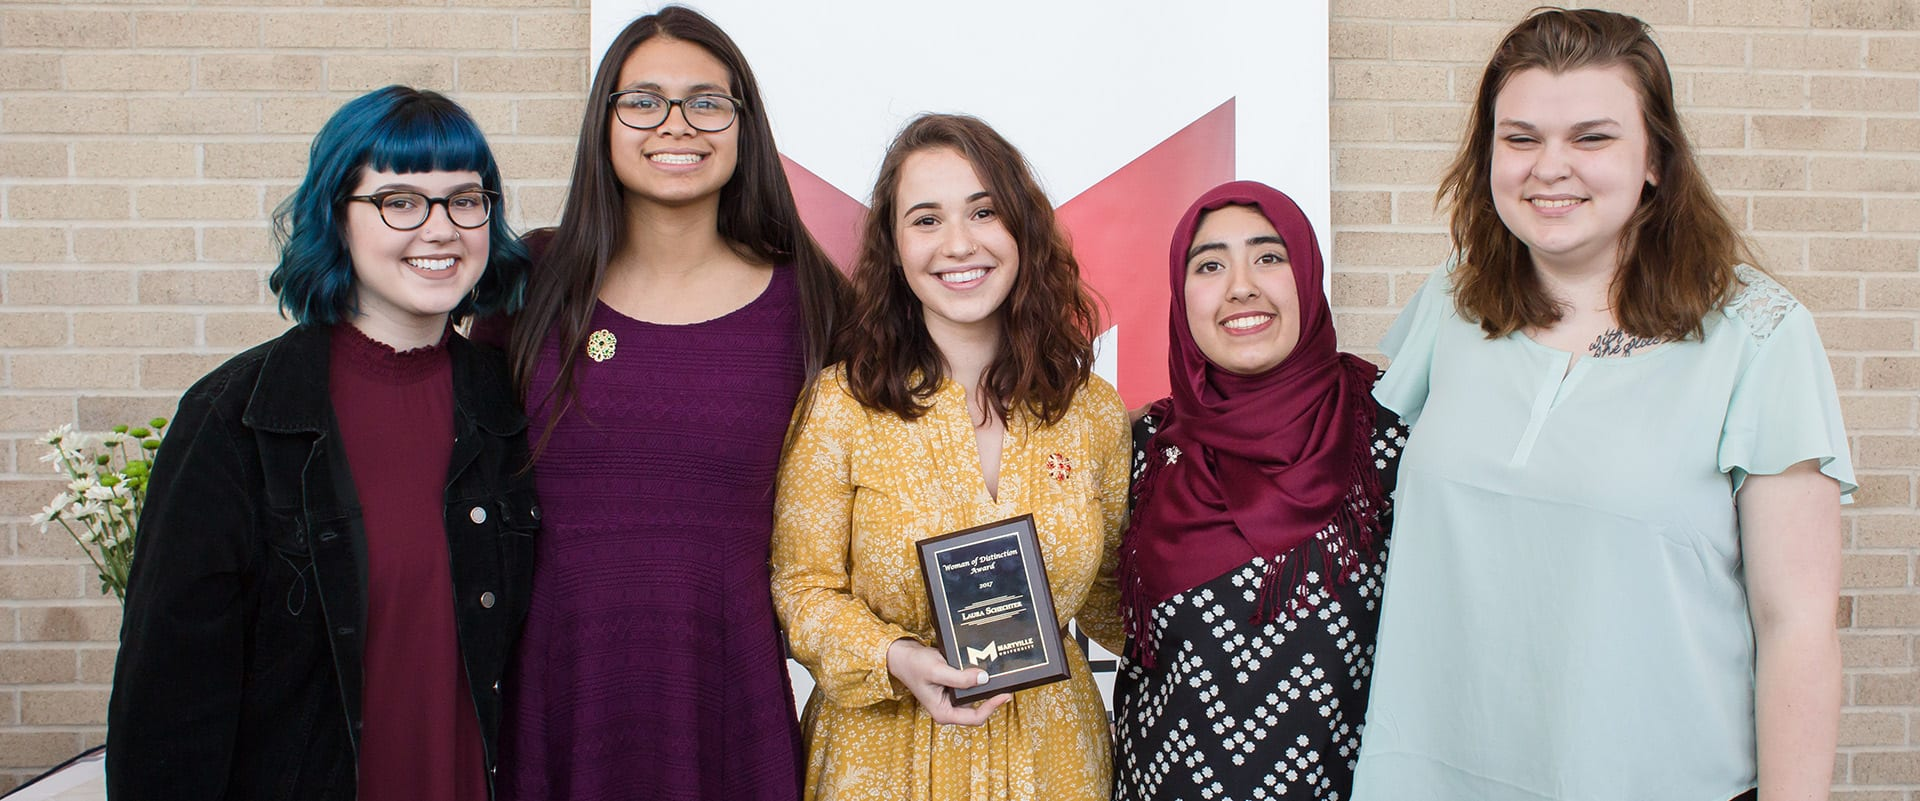 Women Dare to Dream Award Winners